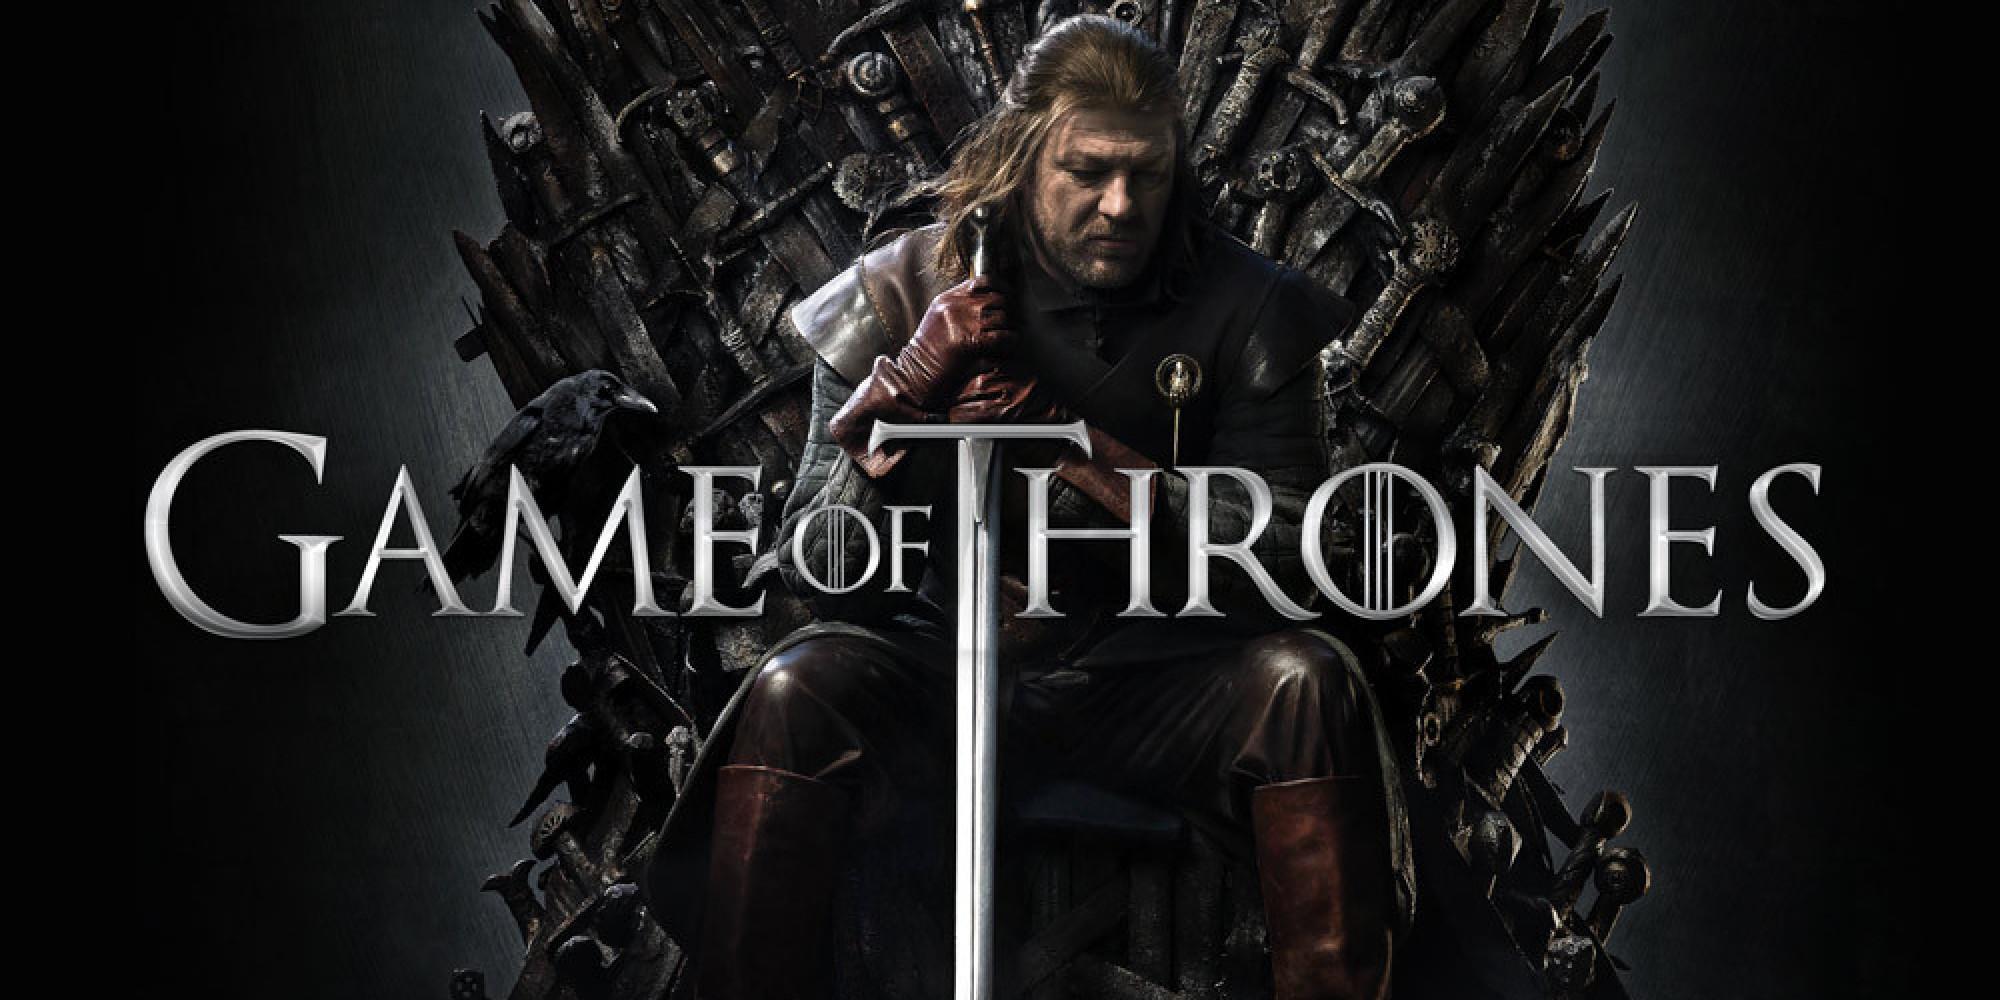 Les acteurs de 'Game of Thrones' dans d'autres films ou séries